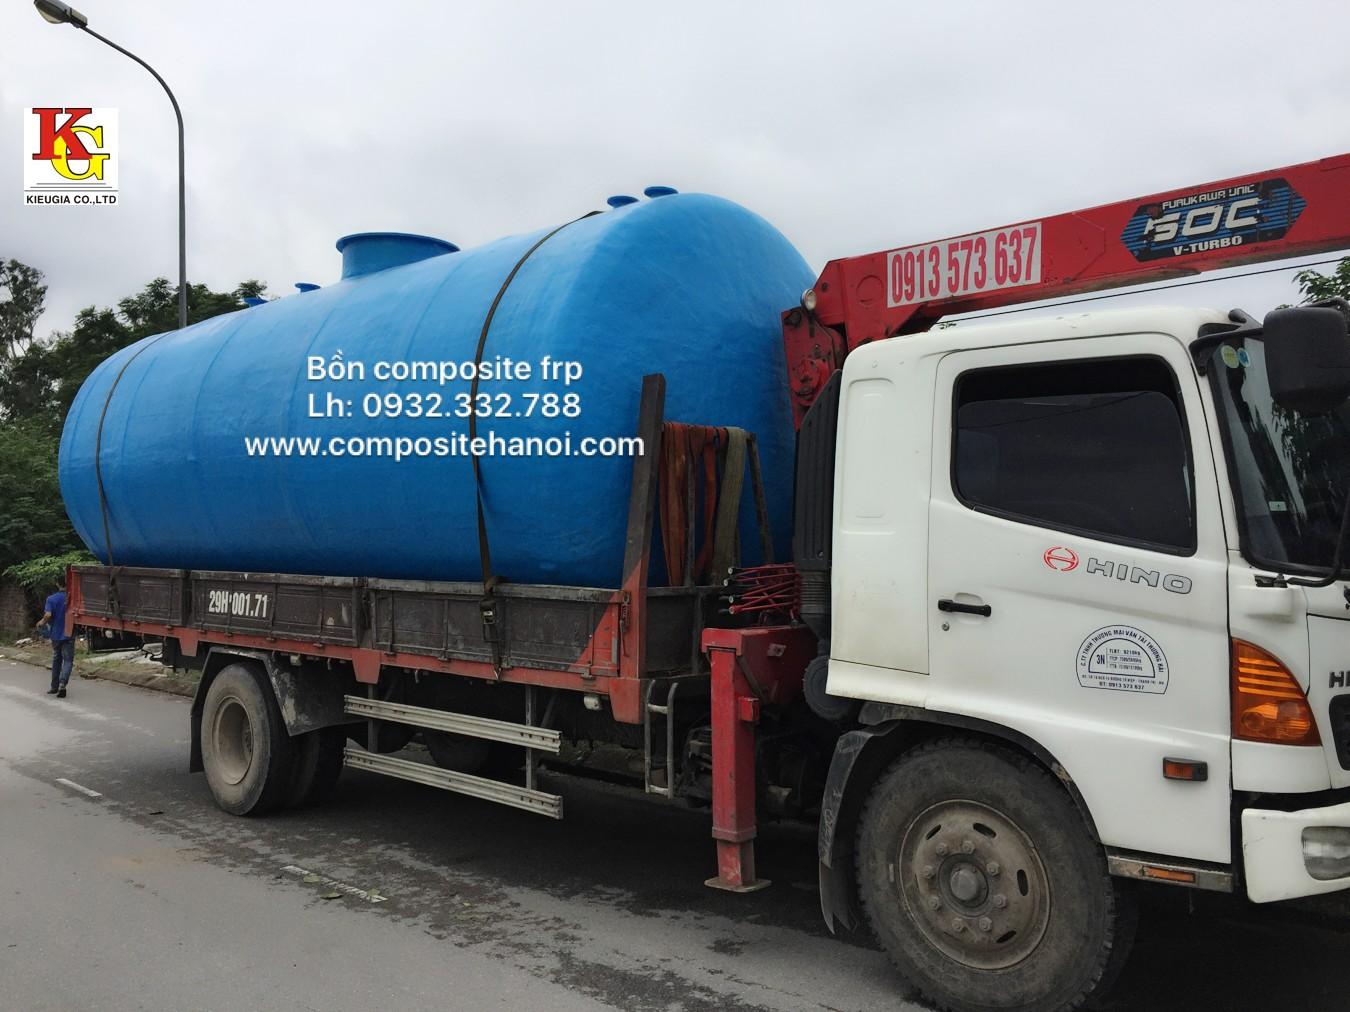 Nhật ký ctrinh sản xuất tank frp